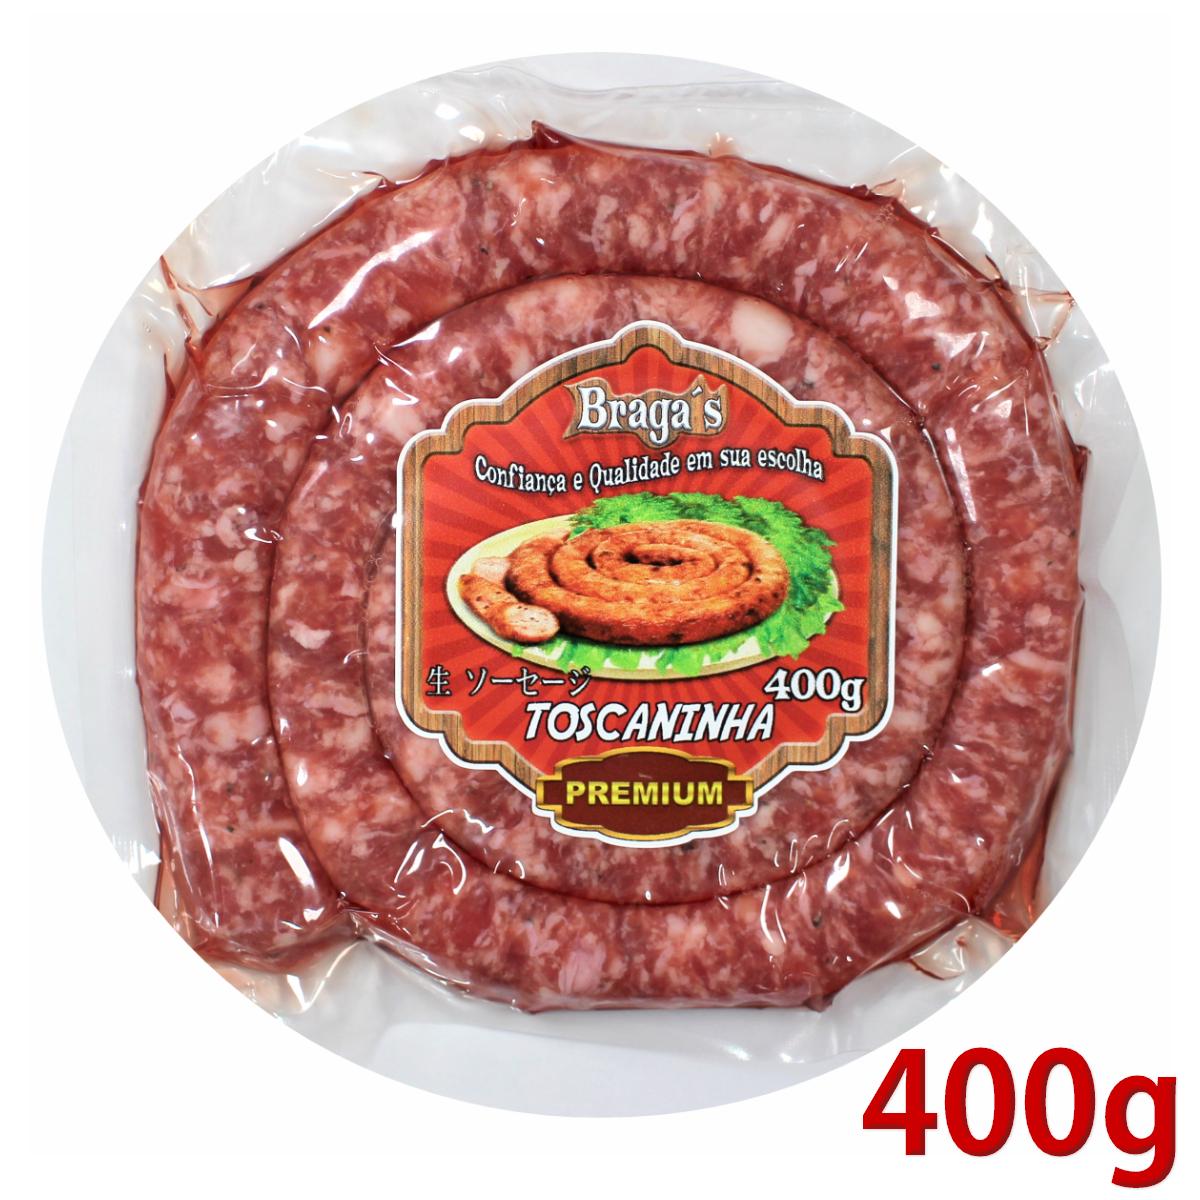 とってもジューシーなソーセージ BBQにオススメ TOSCANINHA 400g Braga'sリングイッサ braga トスカーナ 通販 激安◆ 海外並行輸入正規品 生ソーセージ 冷蔵 ブラジルソーセージlinguica